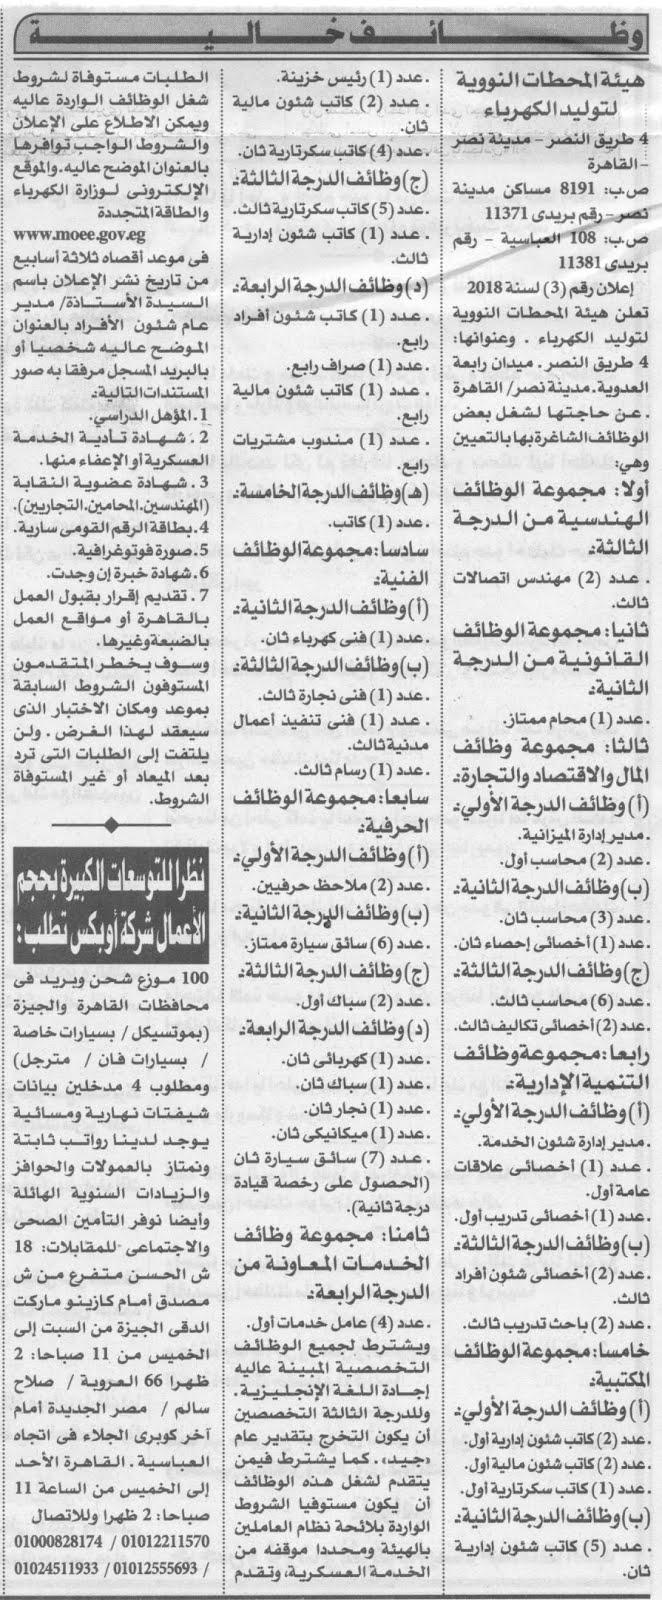 اعلان وظائف وزارة الكهرباء والطاقه لجميع المؤهلات والتقديم حتى ٢١-٦-٢٠١٨ 1010